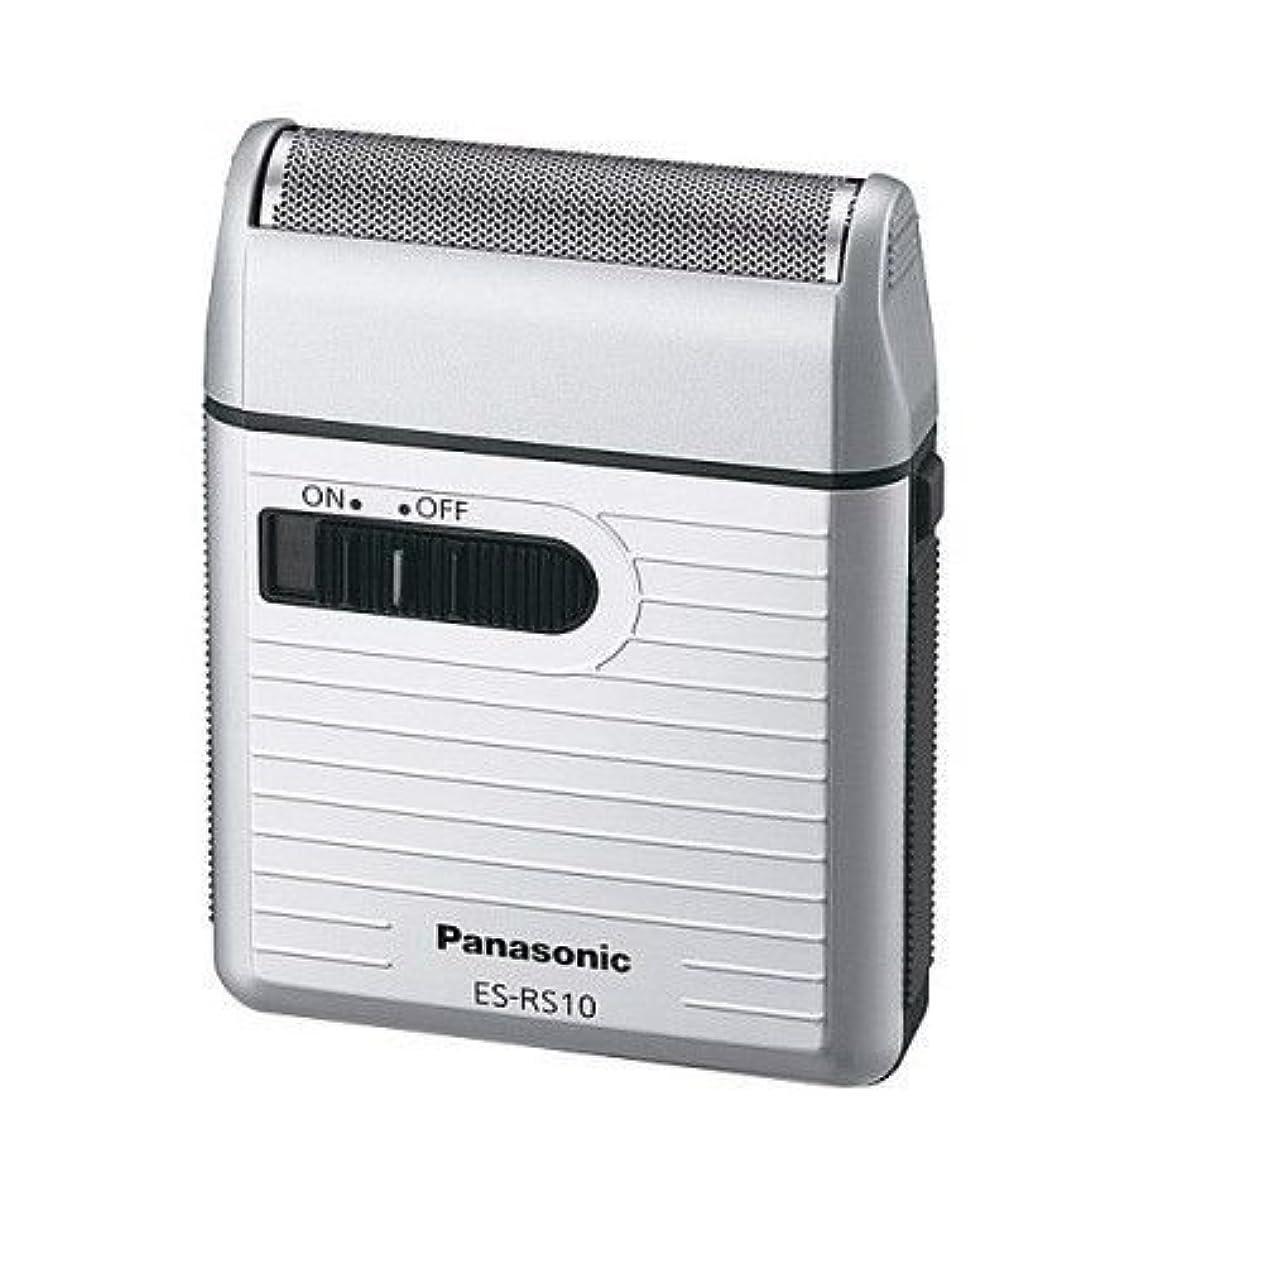 同種の最近記憶Panasonic ES-RS10-S ンズポケットシェーバーシルバー ESRS10 日本製 [並行輸入品]